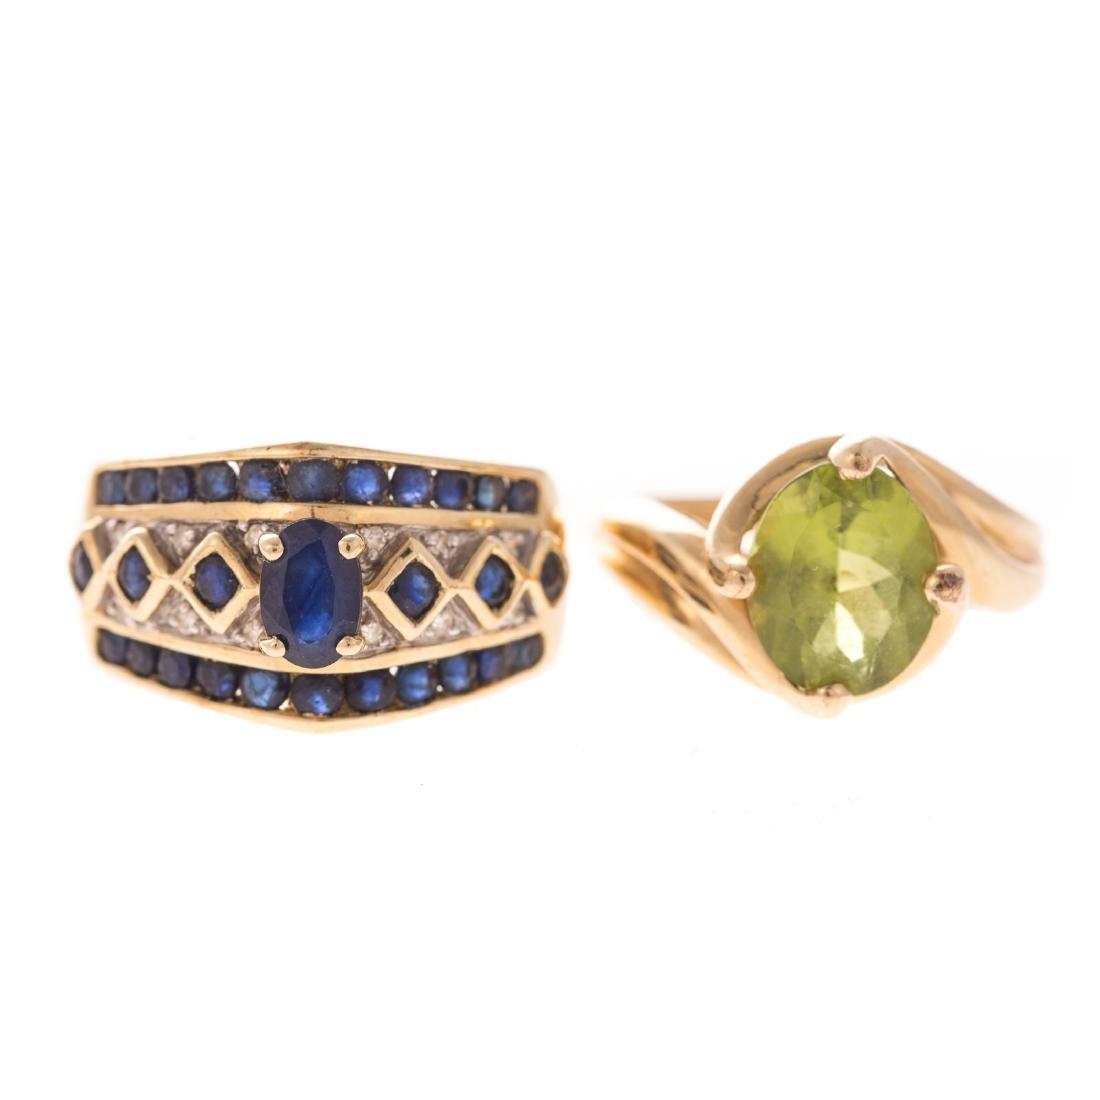 A Pair of Ladies Gemstone Rings in 14K